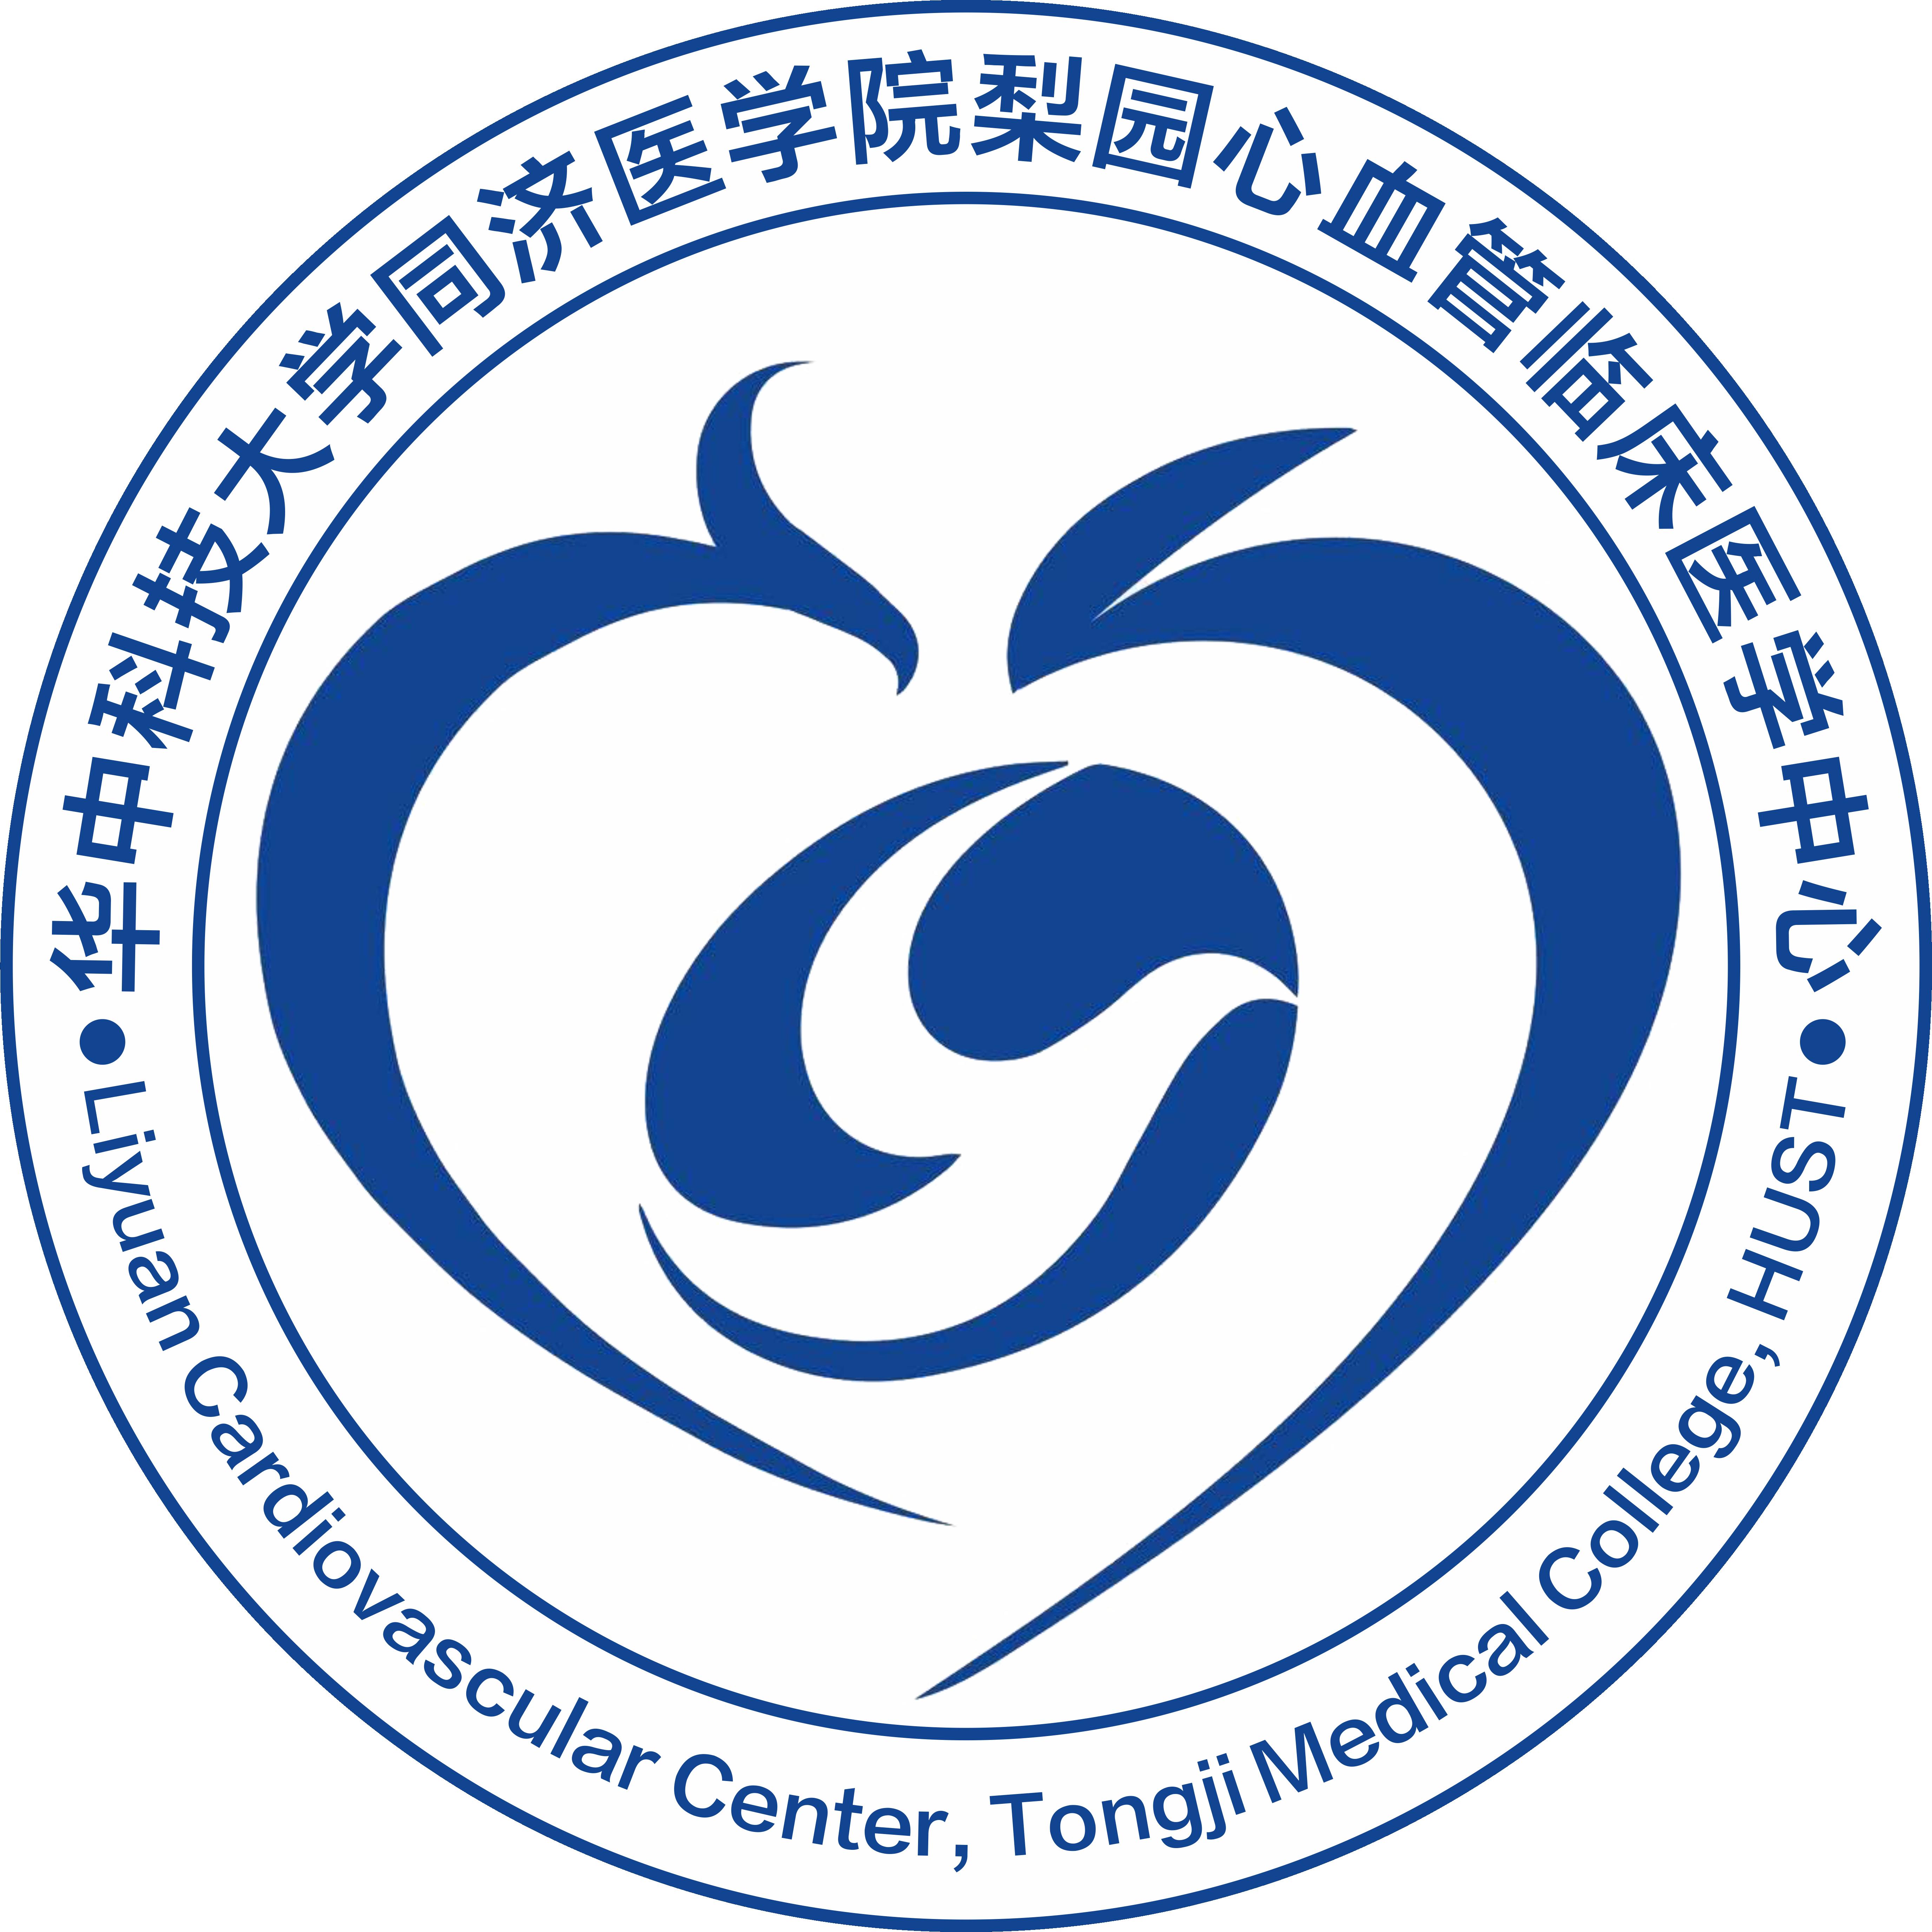 华中科技大学同济医学院梨园心血管临床医学中心